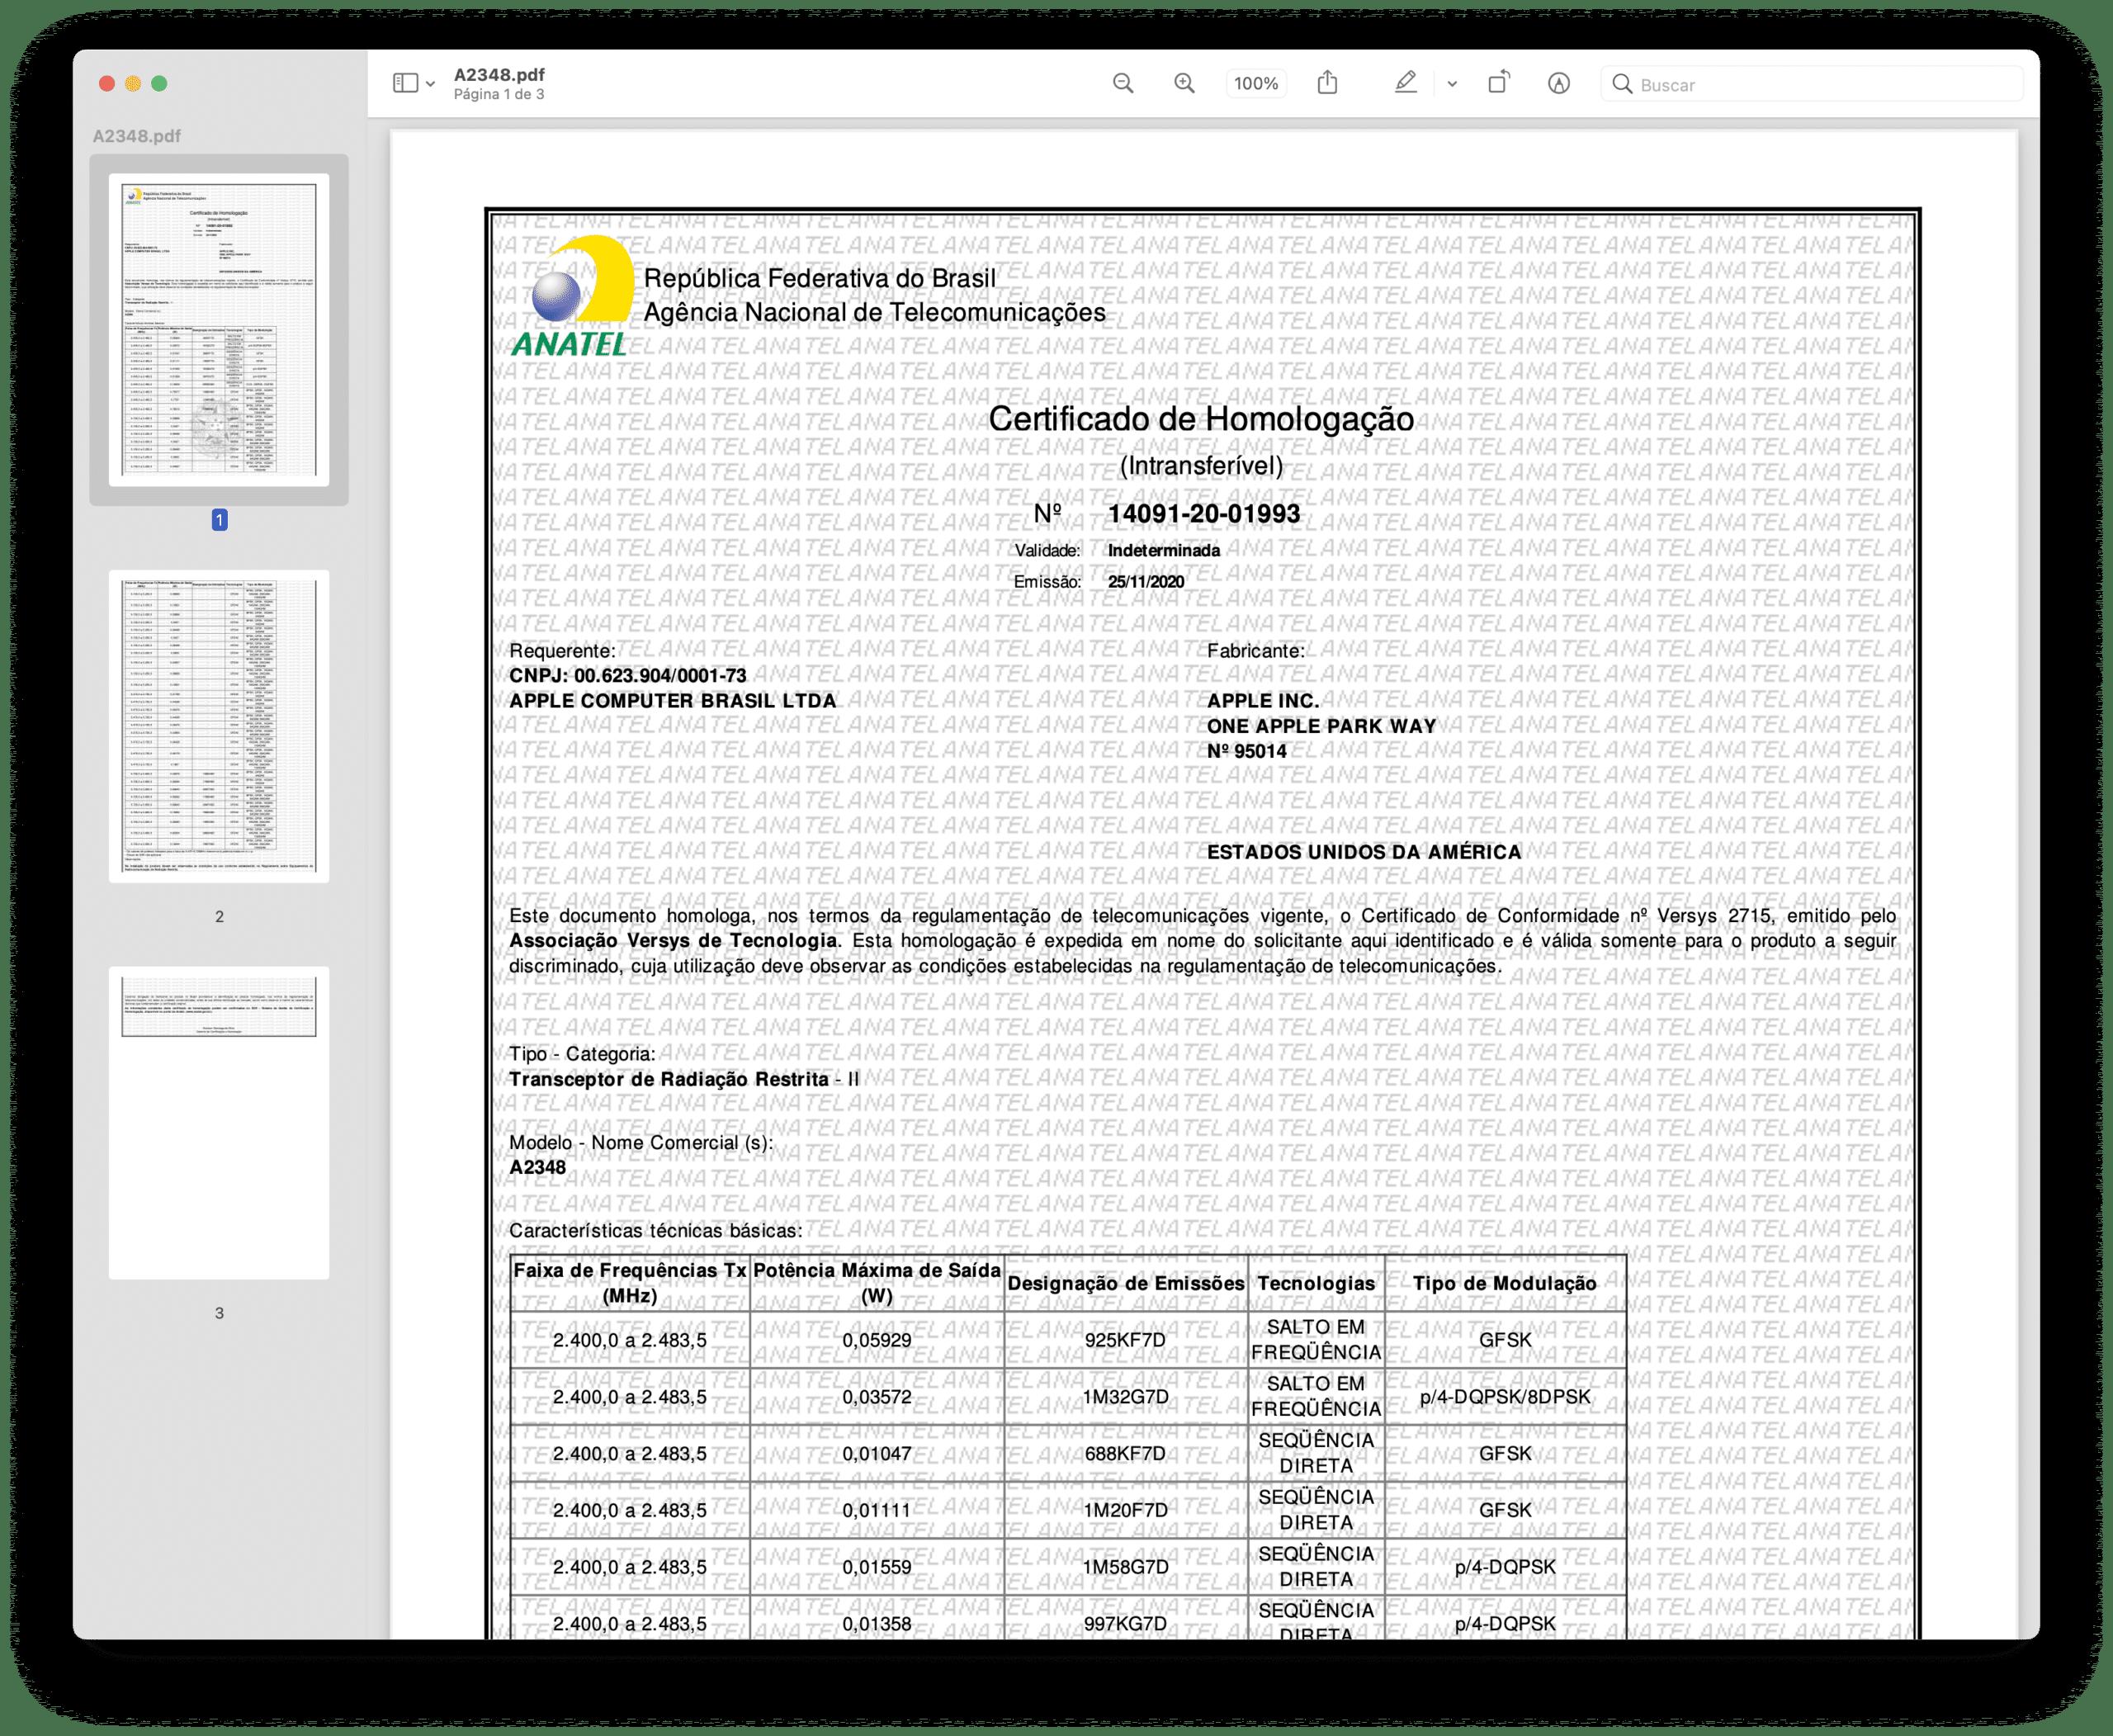 Certificado de Homologação do Mac mini M1 (A2348)